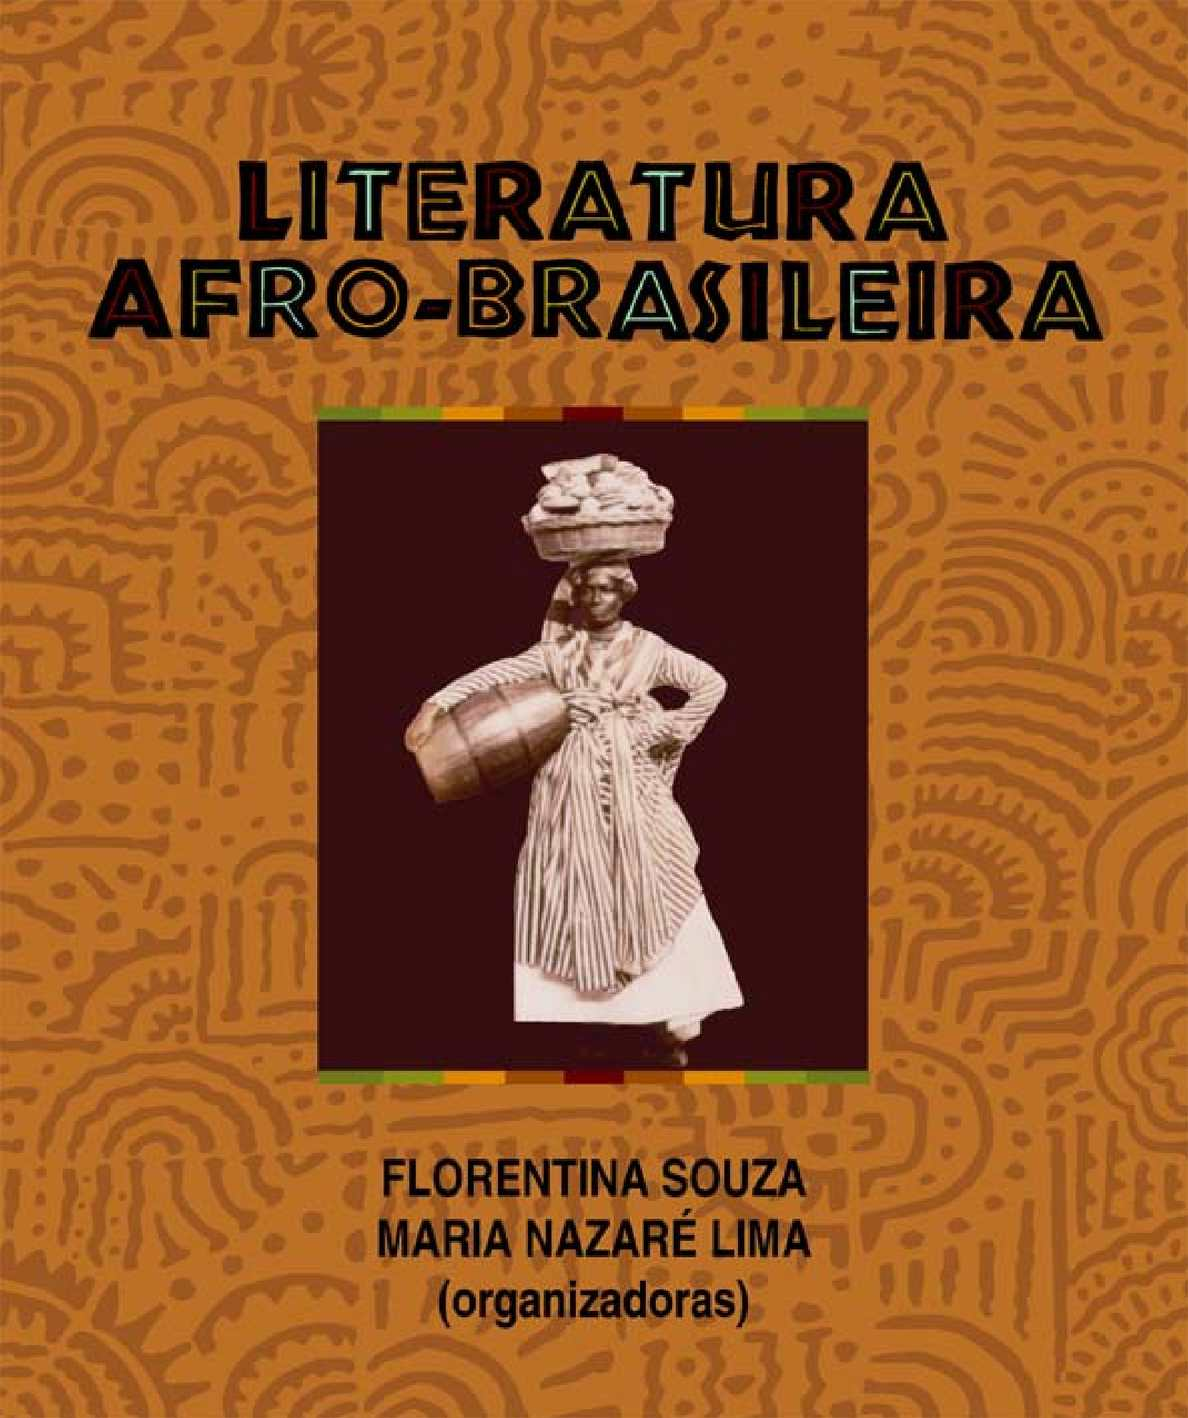 Calaméo - Literatura Afrobrasileira ec757898643a5